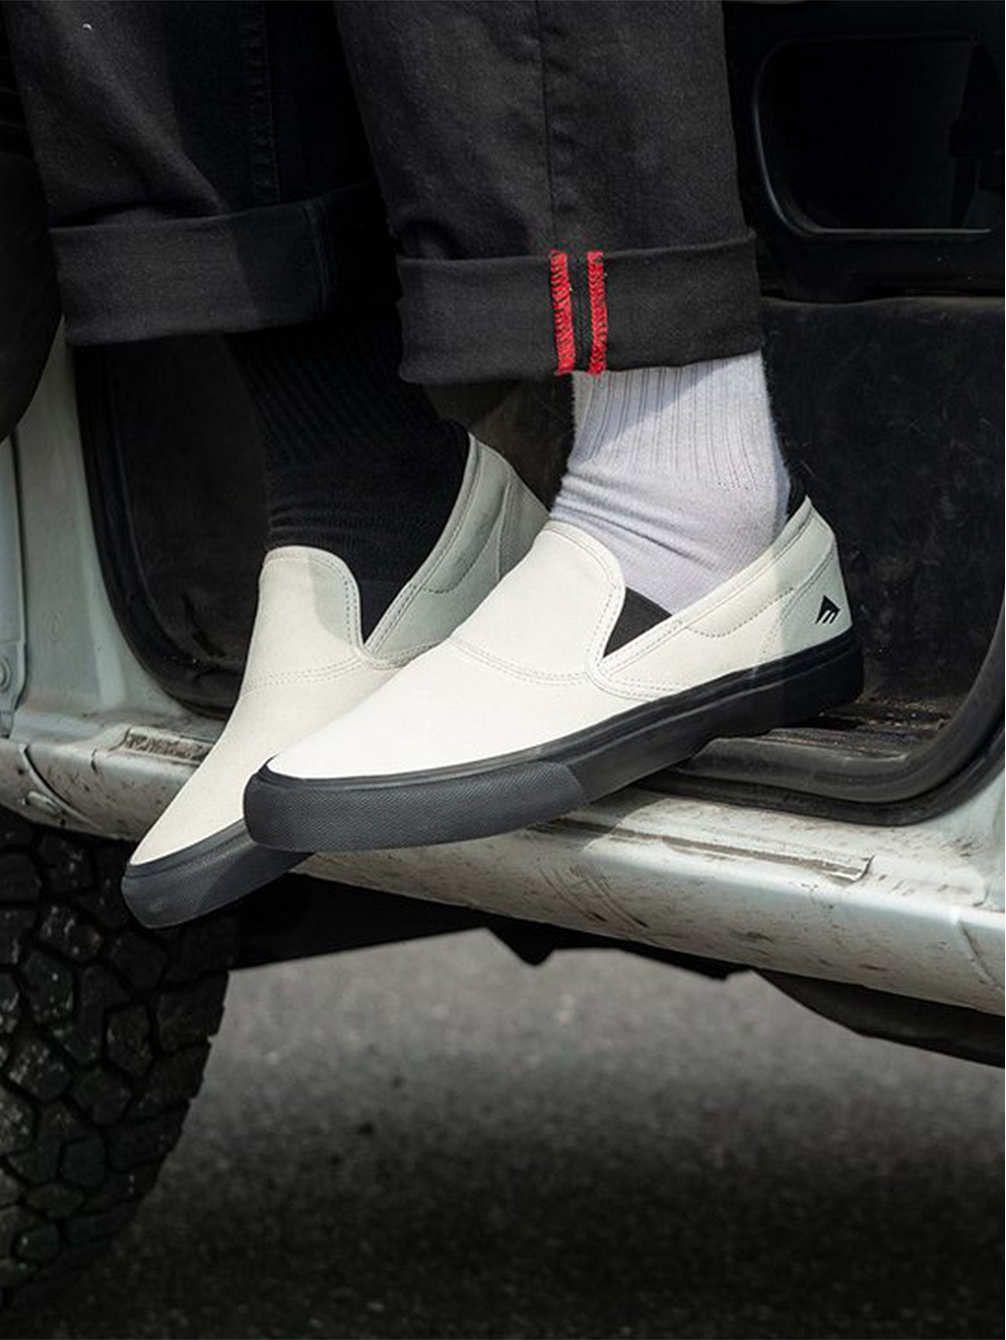 Chaussure Emerica Wino G6 White Black